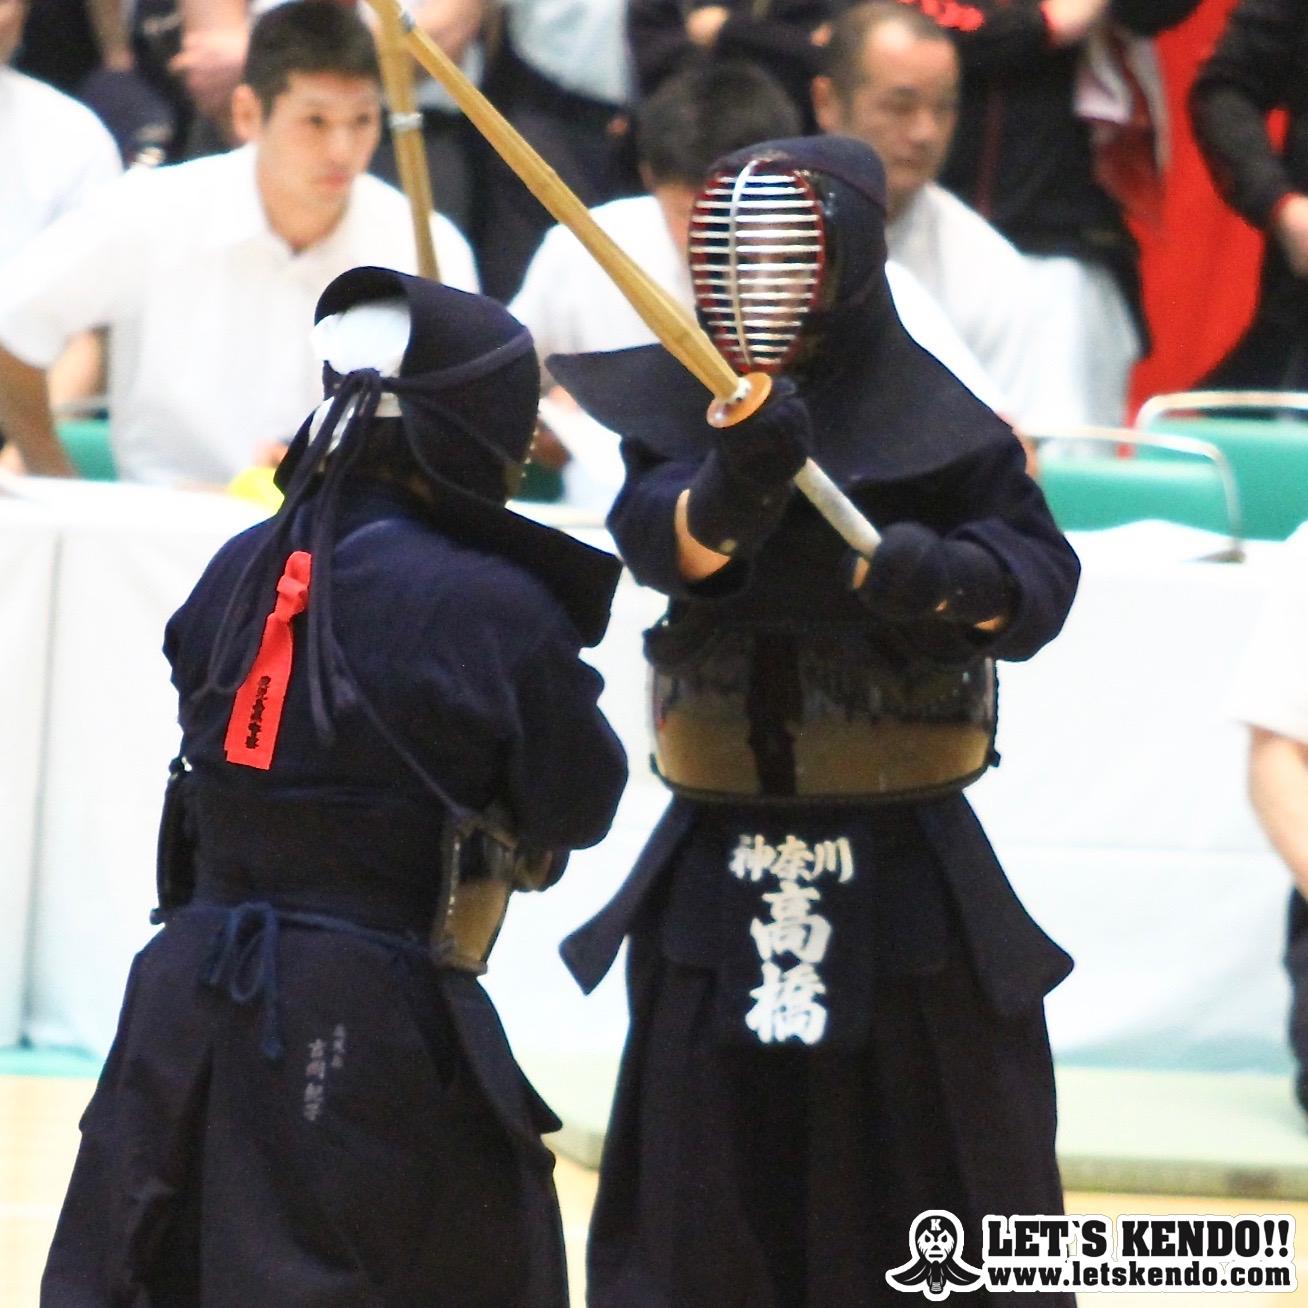 【大会結果】9/24 第56回全日本女子剣道選手権大会